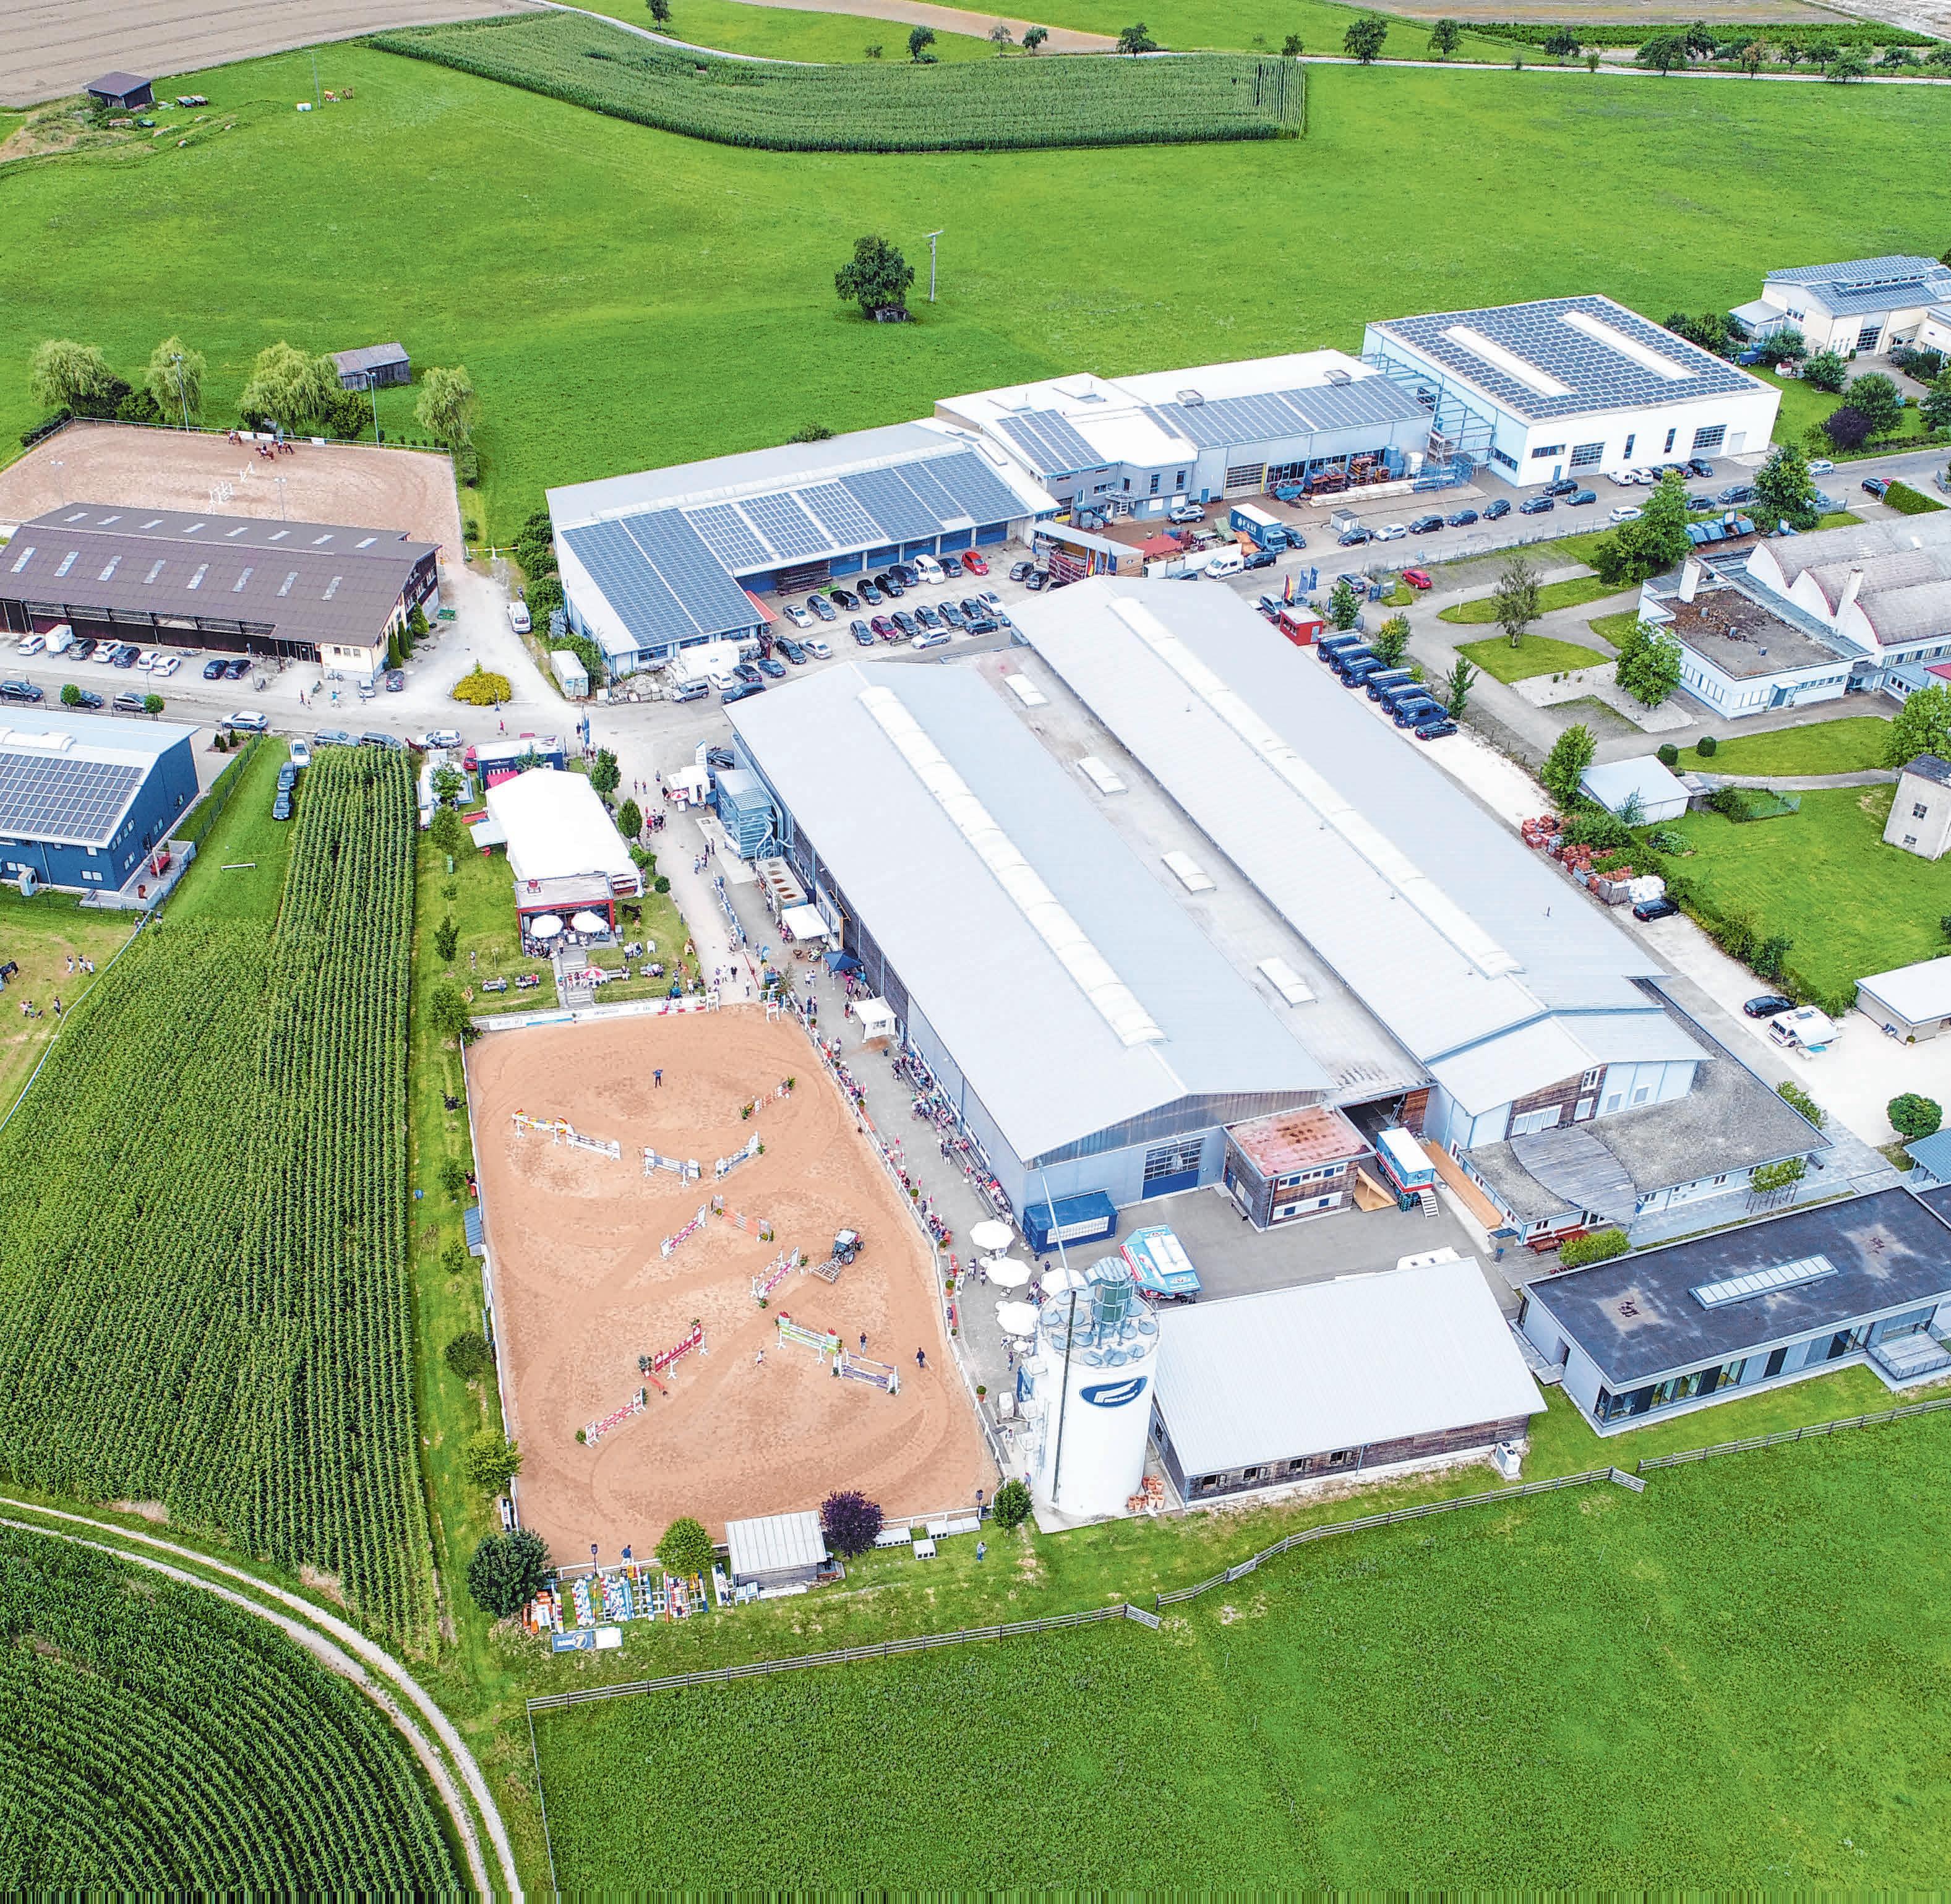 Das Firmengelände der Schlosser Holzbau GmbH aus der Luft. FOTO: SCHLOSSER